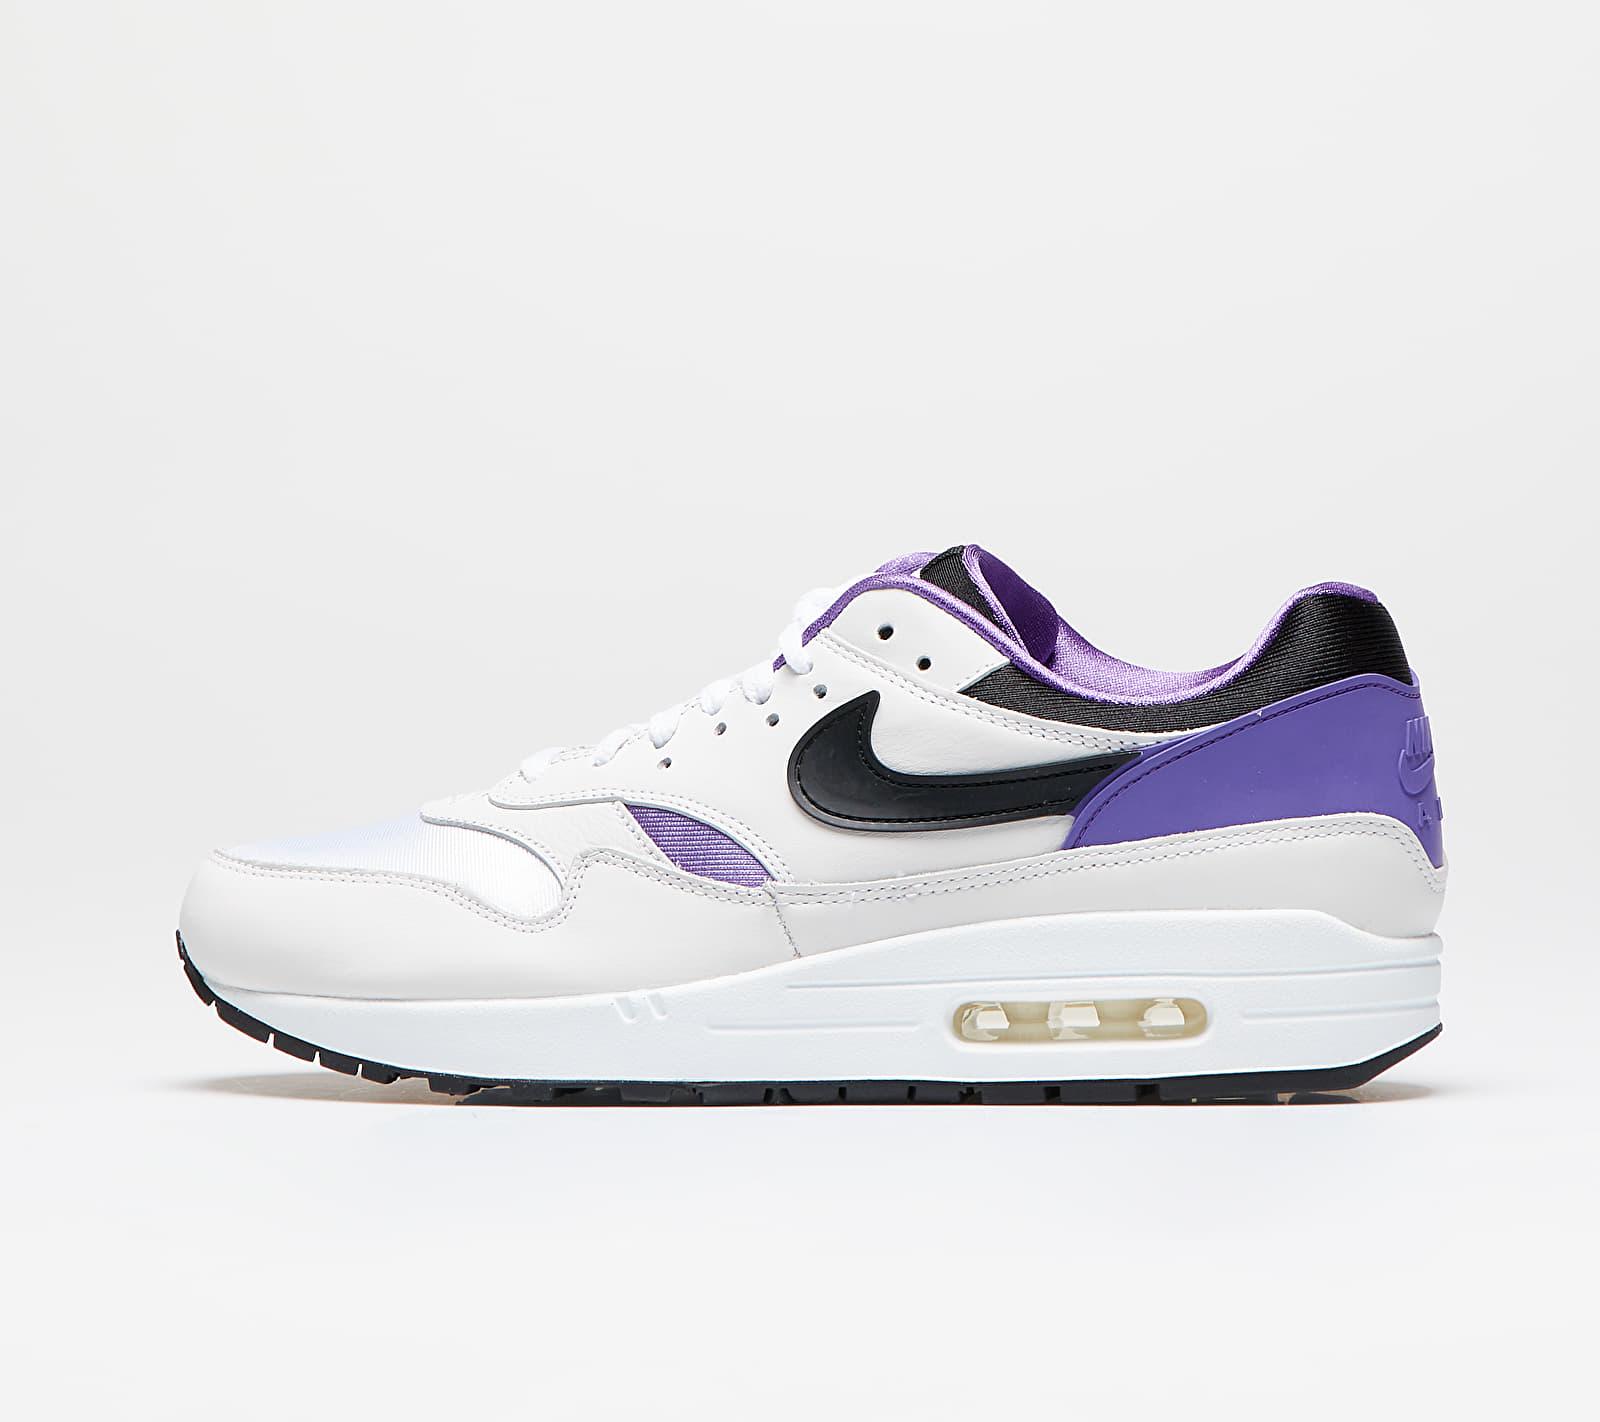 Nike Air Max 1 DNA CH.1 White/ Black-Purple Punch EUR 42